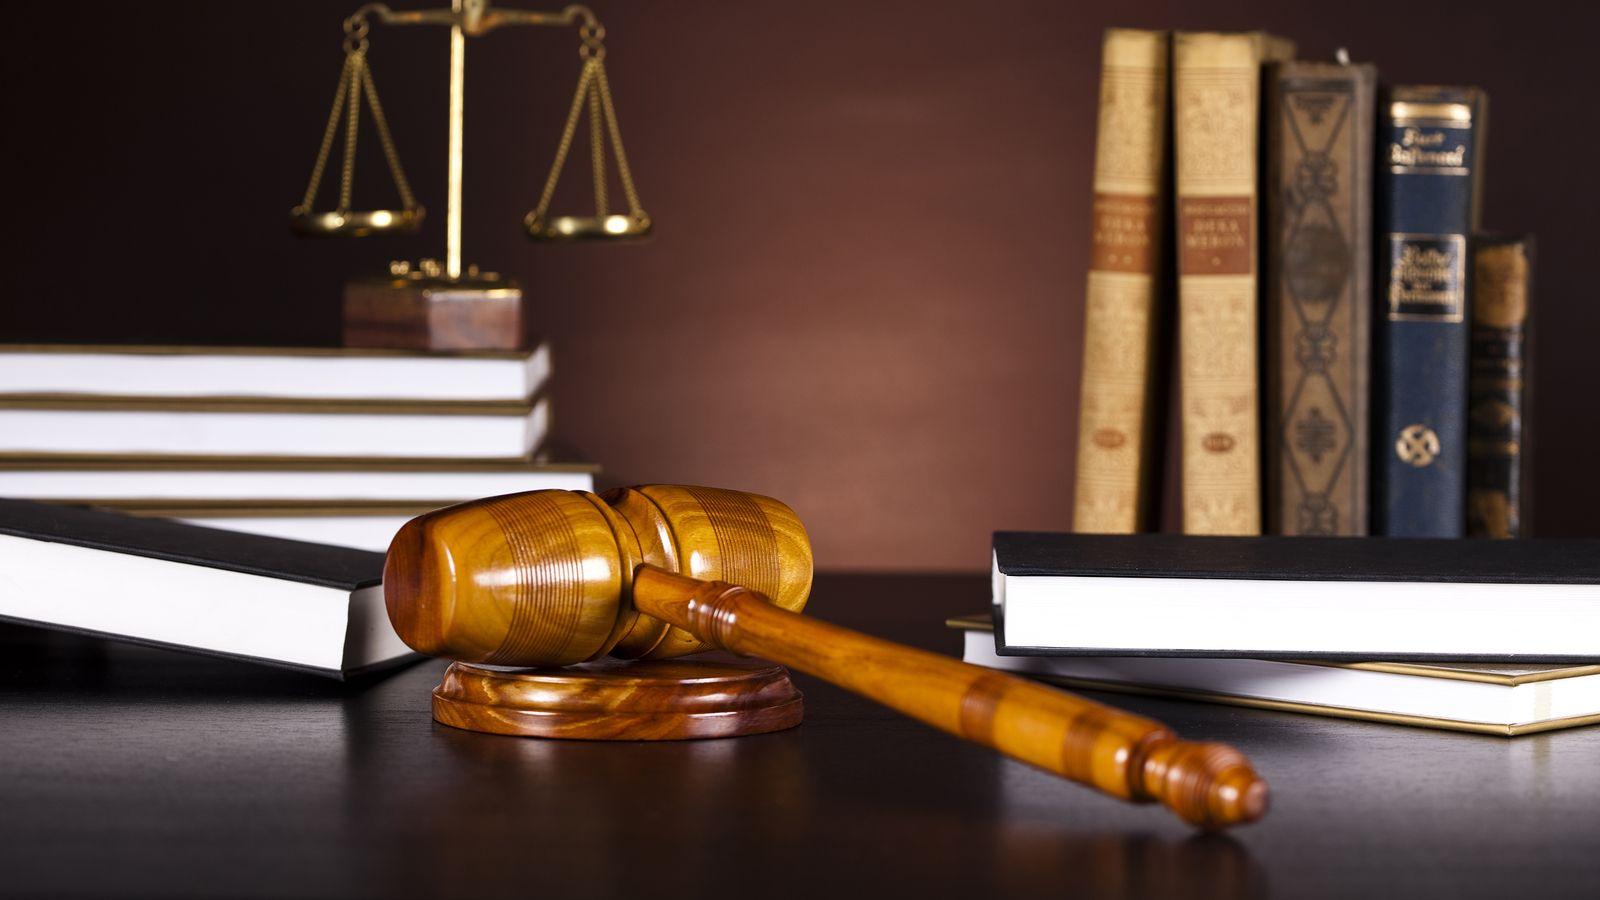 Αυτήν τη στιγμή προβάλλετε Επιχορήγηση αυτοαπασχολούμενων δικηγόρων